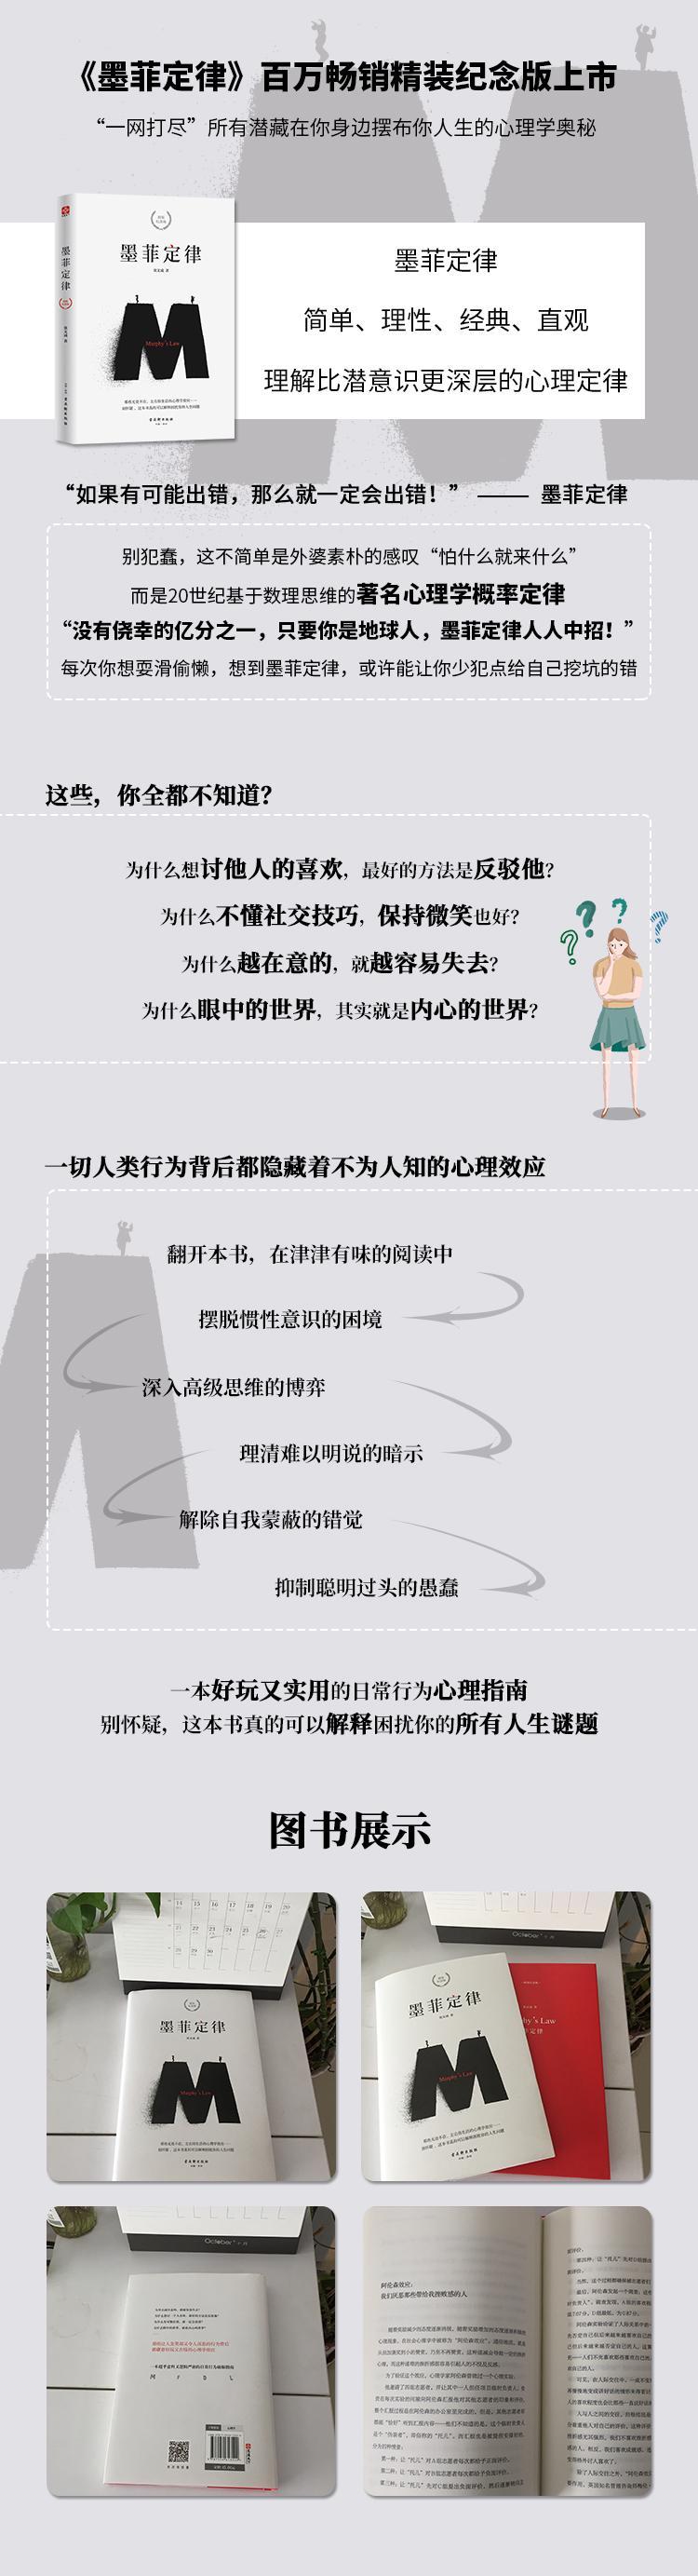 福利教程-有声书 墨菲定律:破解日常行为心理指南(3)